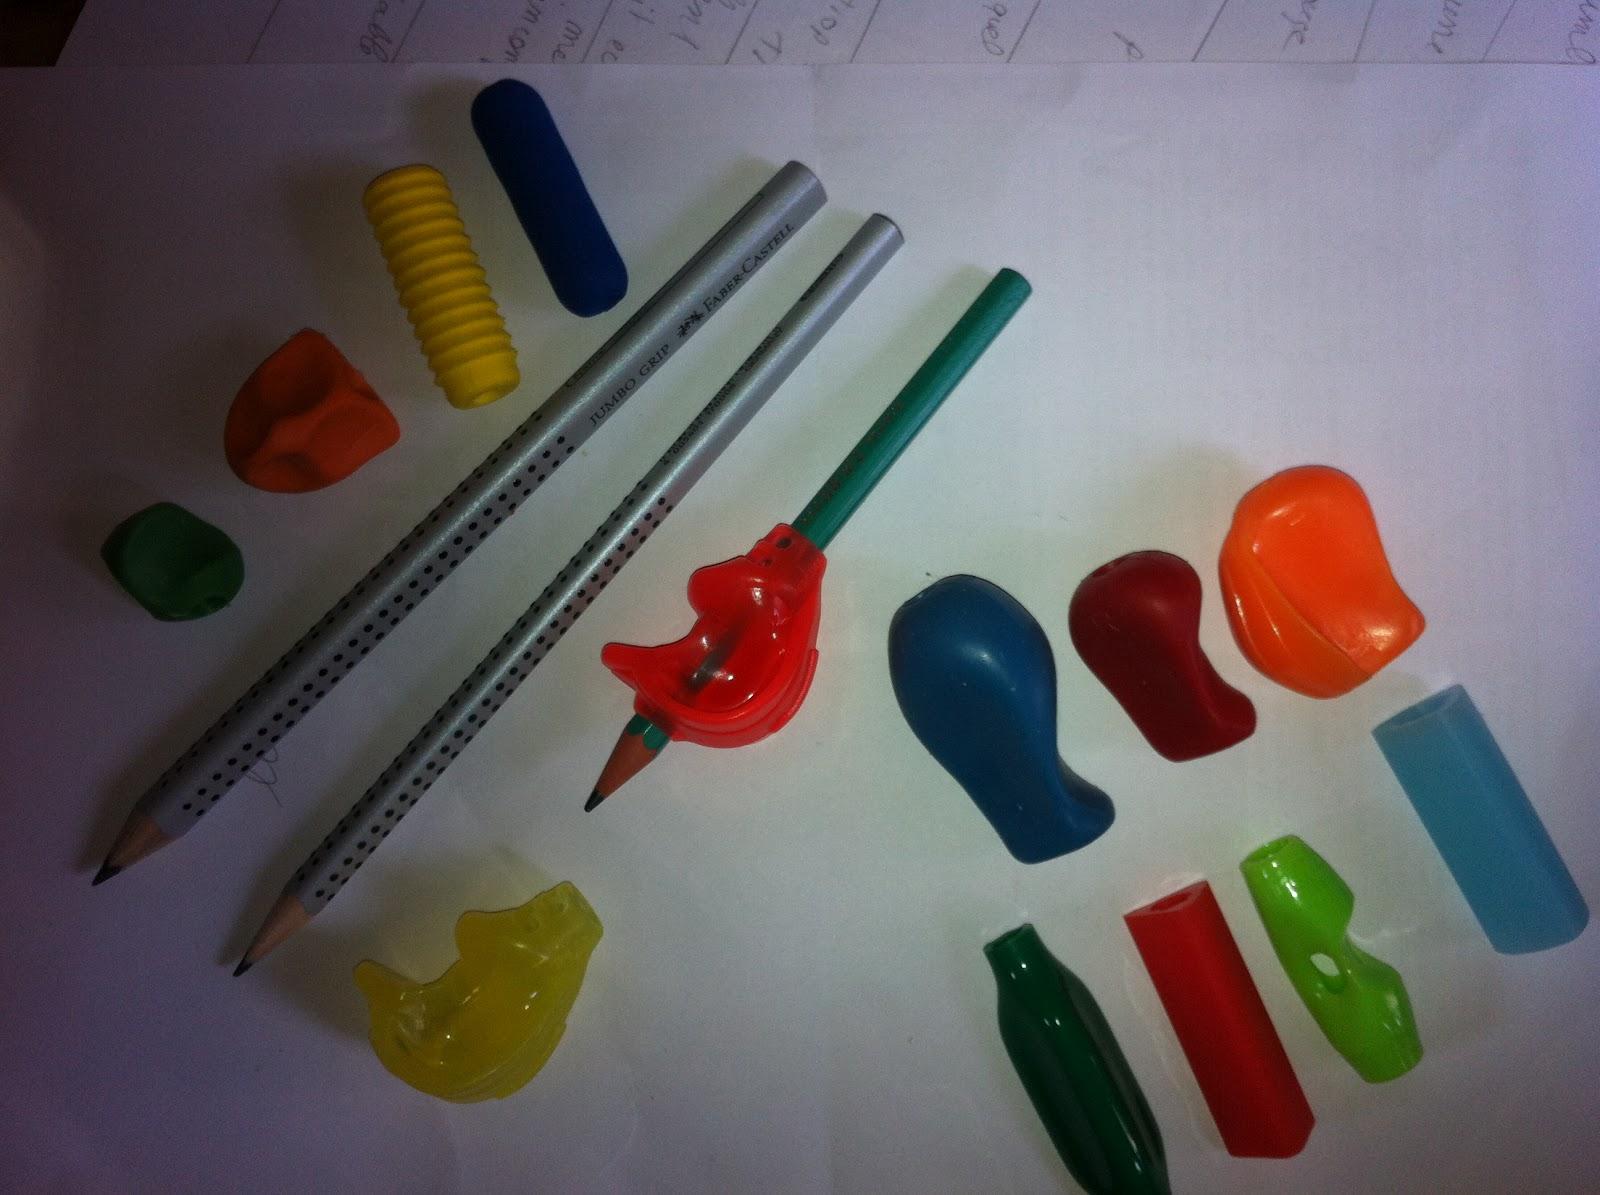 Outils de Correction de Posture D/écriture 6 PCS en Particulier les Personnes /âg/ées Ayant des Besoins Sp/éciaux /Étudiants Adultes Guide Doigt pour Enfants 6 Poign/ées de Crayon en Silicone